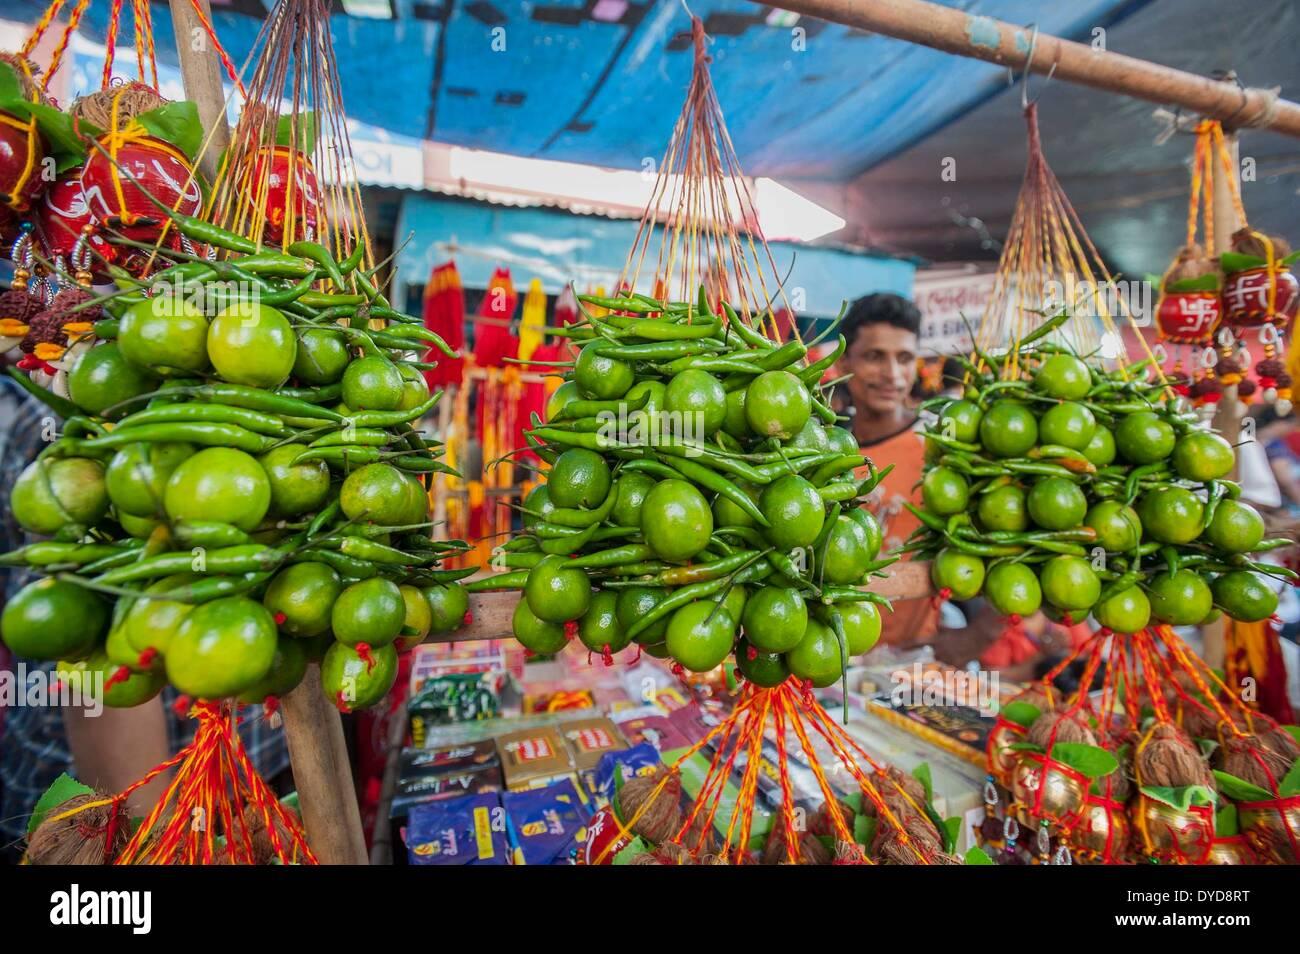 Calcutta, lo stato indiano del Bengala Occidentale. 15 apr 2014. Stringhe di limoni e peperoncini rossi sono venduti come proprietari di negozi appendiabiti a loro come portafortuna su 'Poila Baishakh' in Calcutta, capitale dell'est lo stato indiano del Bengala Occidentale, 15 aprile 2014. Poila Baishakh, il primo giorno del calendario Bengali anno, è l'inizio di tutte le attività aziendali nel Bengala occidentale quando i commercianti culto del Signore Ganesha e la dea Lakshmi per contrassegnare l'anno con la ricchezza e la prosperità. © Tumpa Mondal/Xinhua/Alamy Live News Immagini Stock